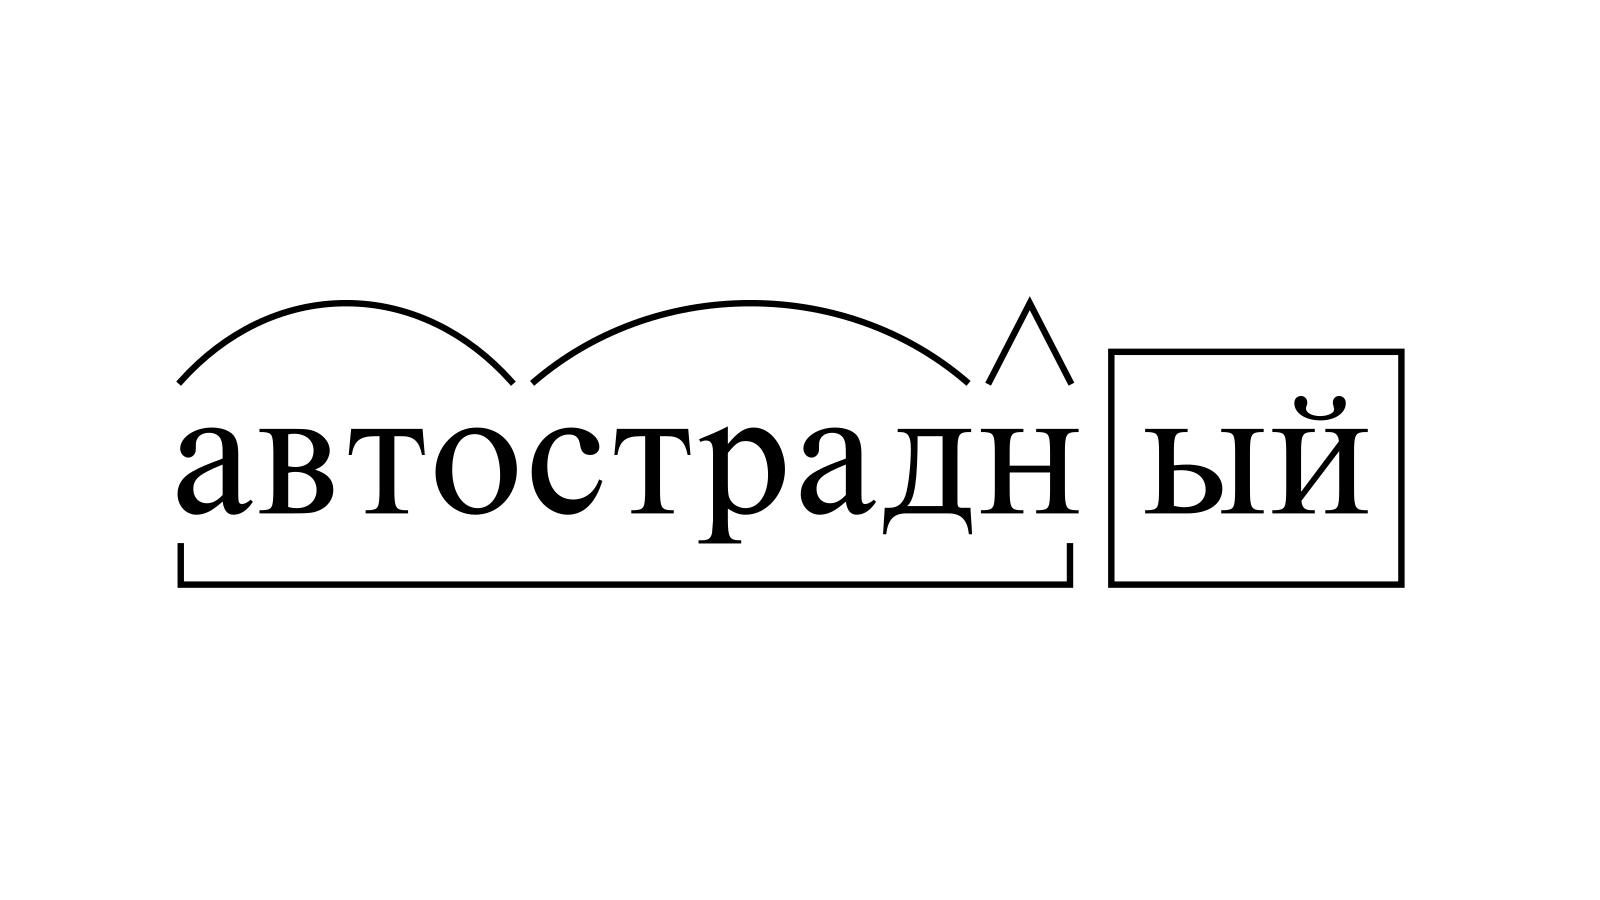 Разбор слова «автострадный» по составу